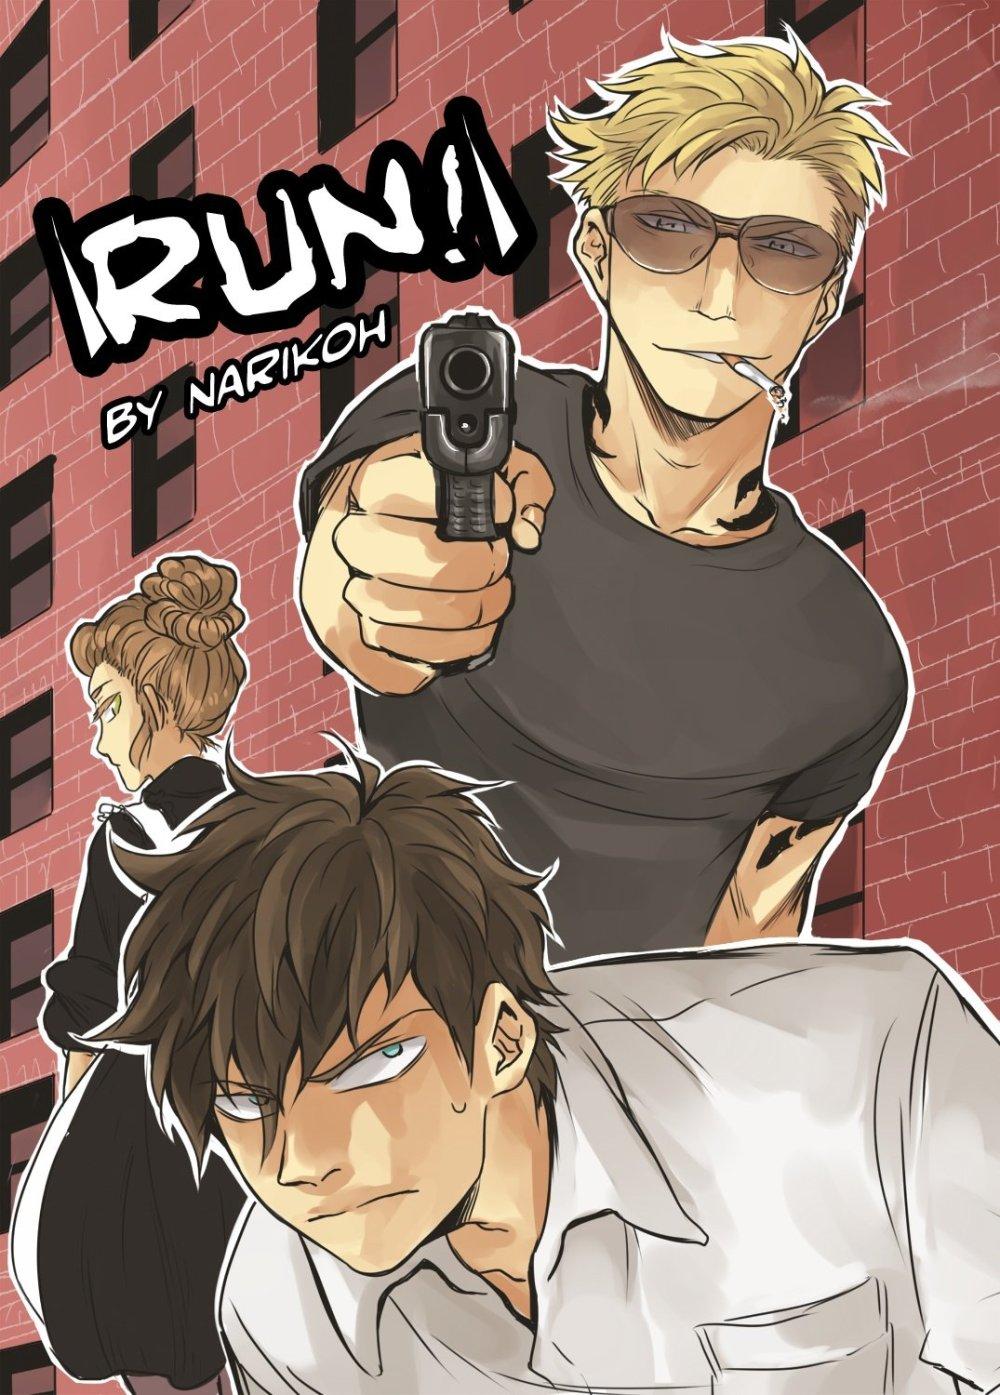 Narikoh: Run!